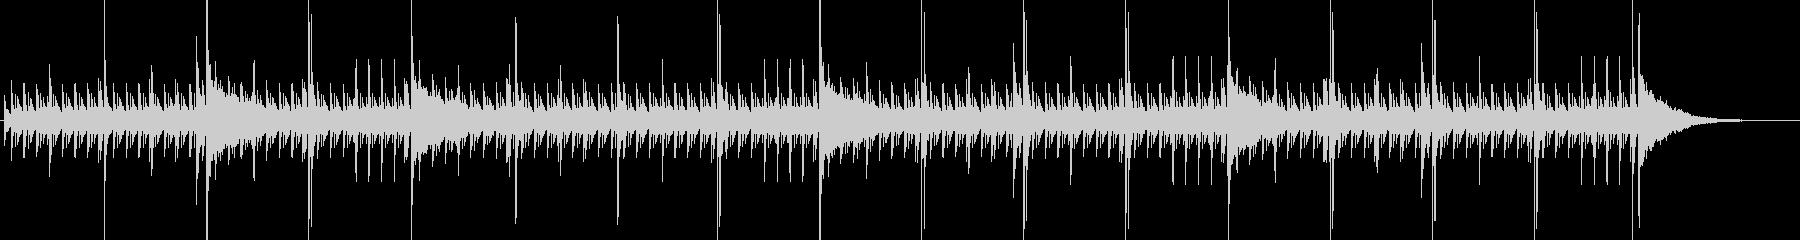 60秒・高速ジャズ・ドラムソロの未再生の波形